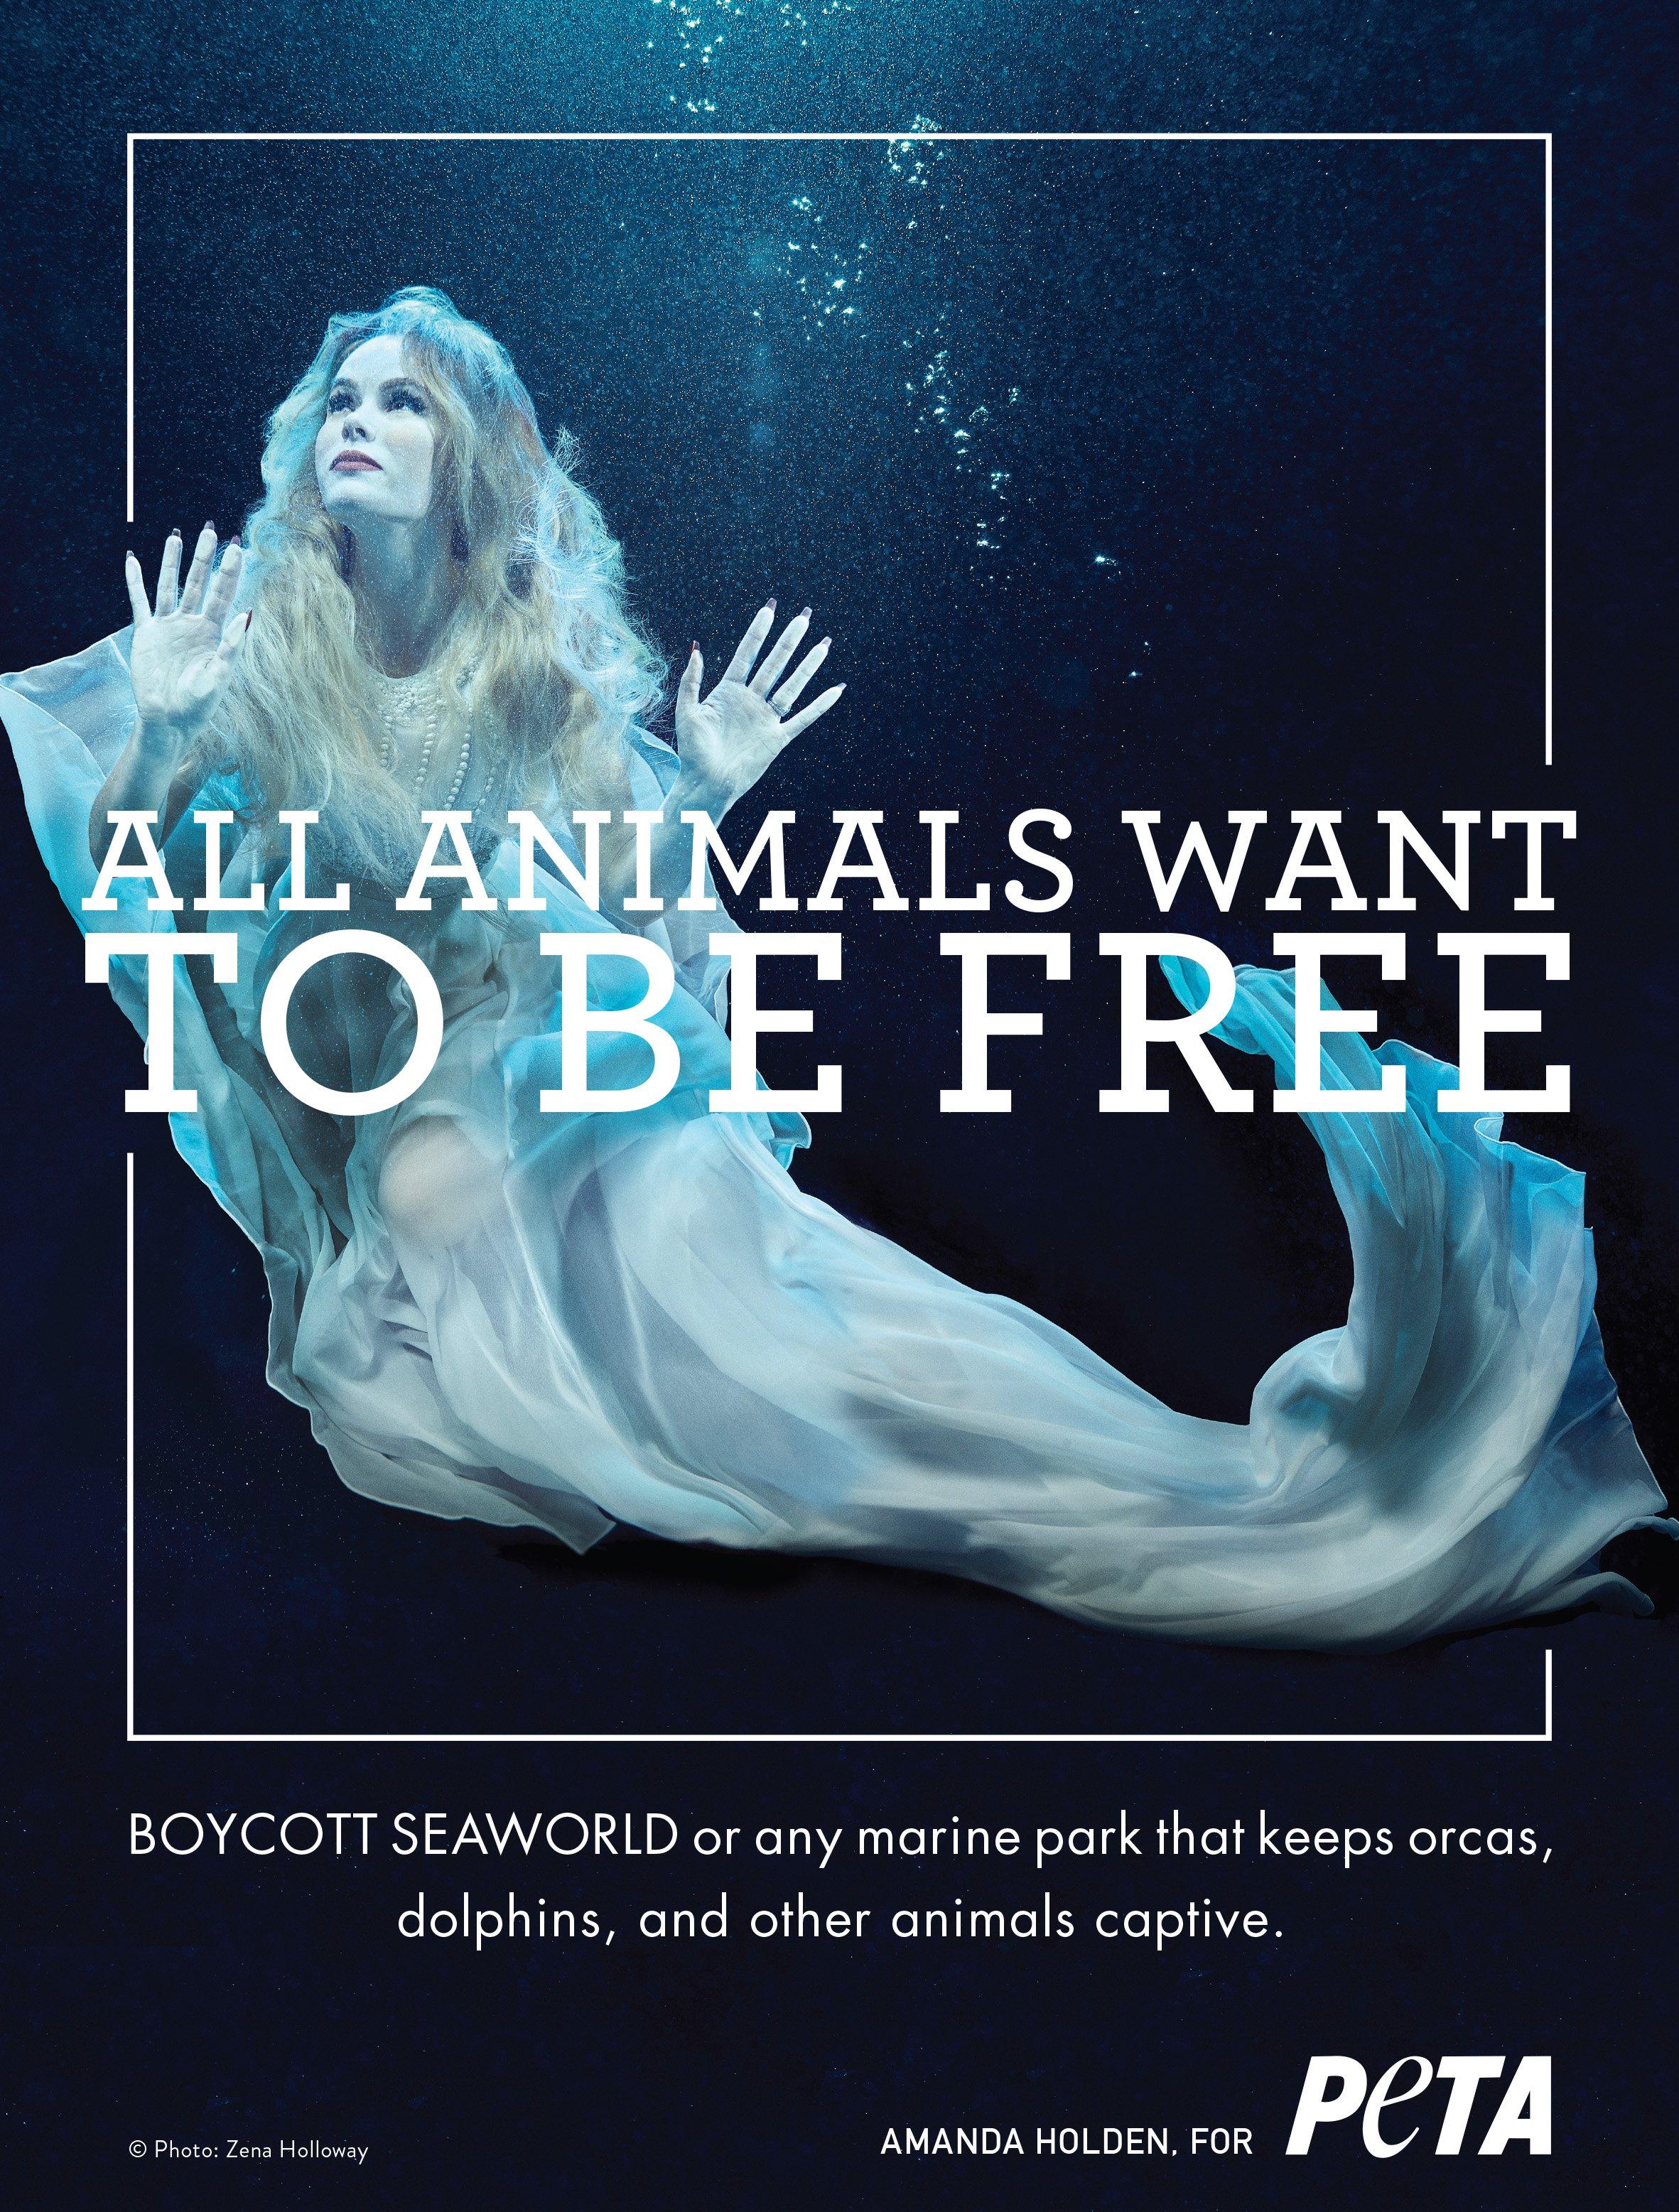 Amanda Holden became a mermaid for PETA (Picture: Peta/Zena Hollaway)